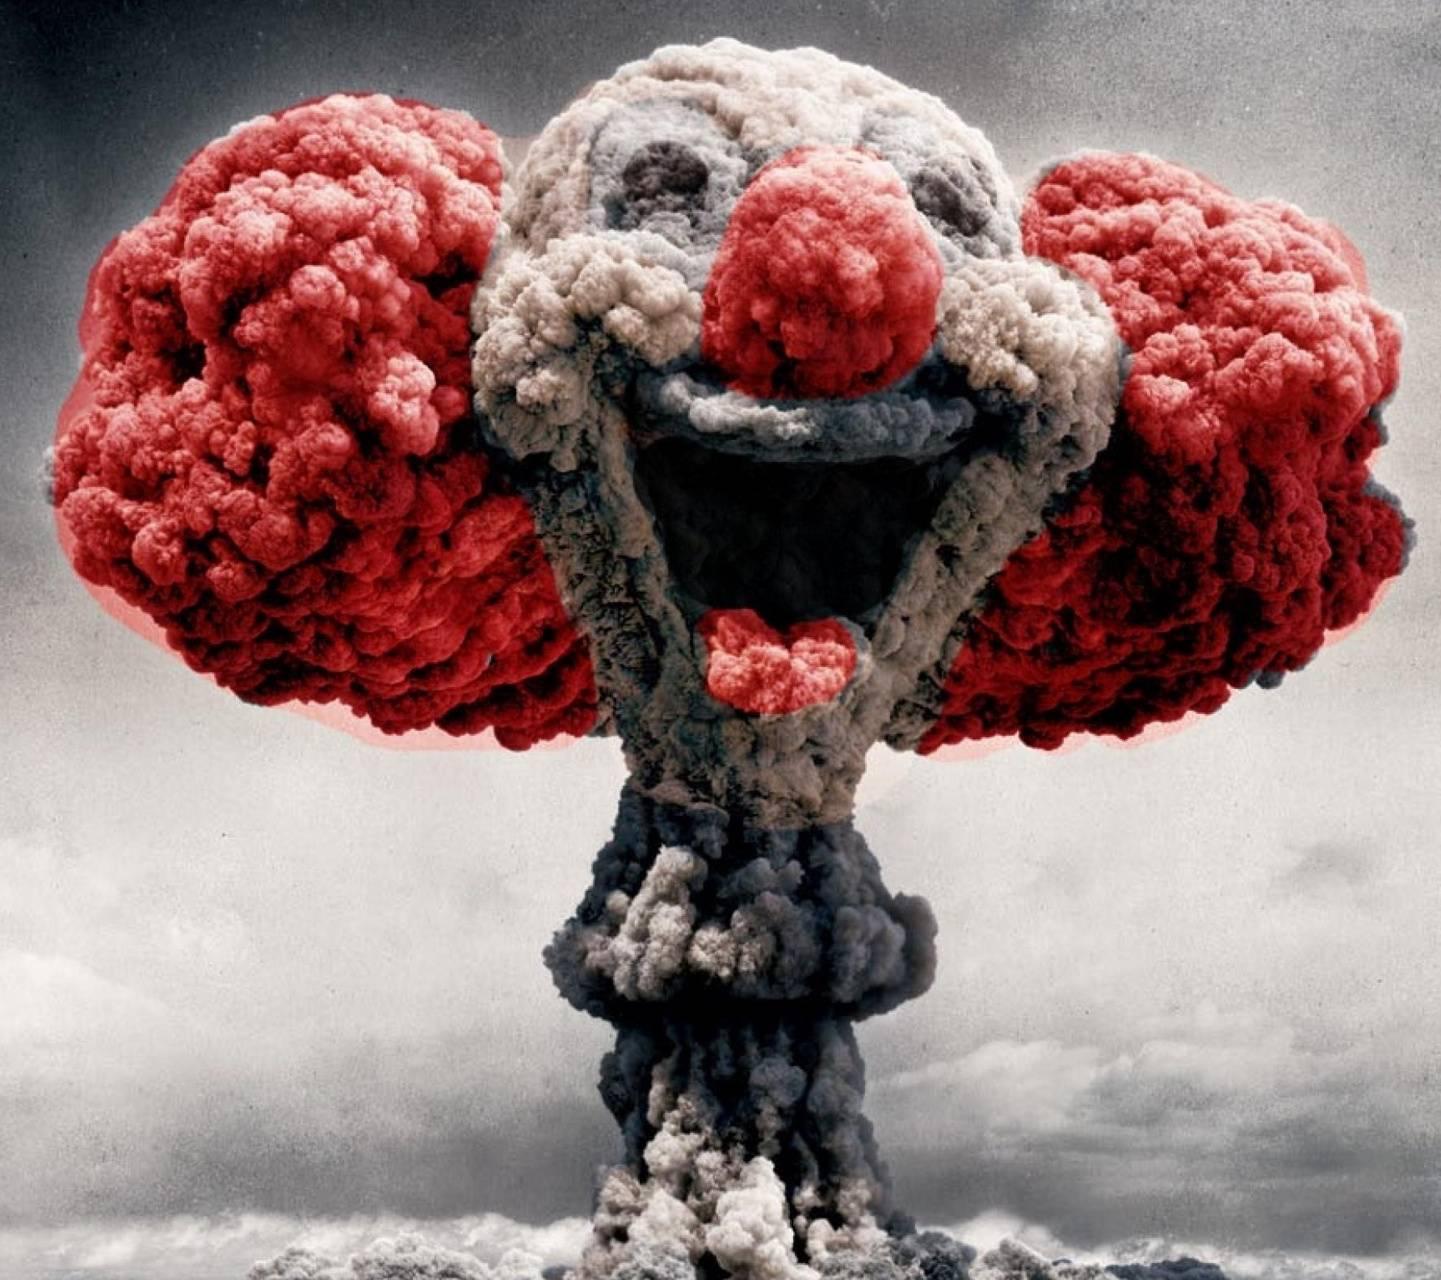 surprise clown bomb